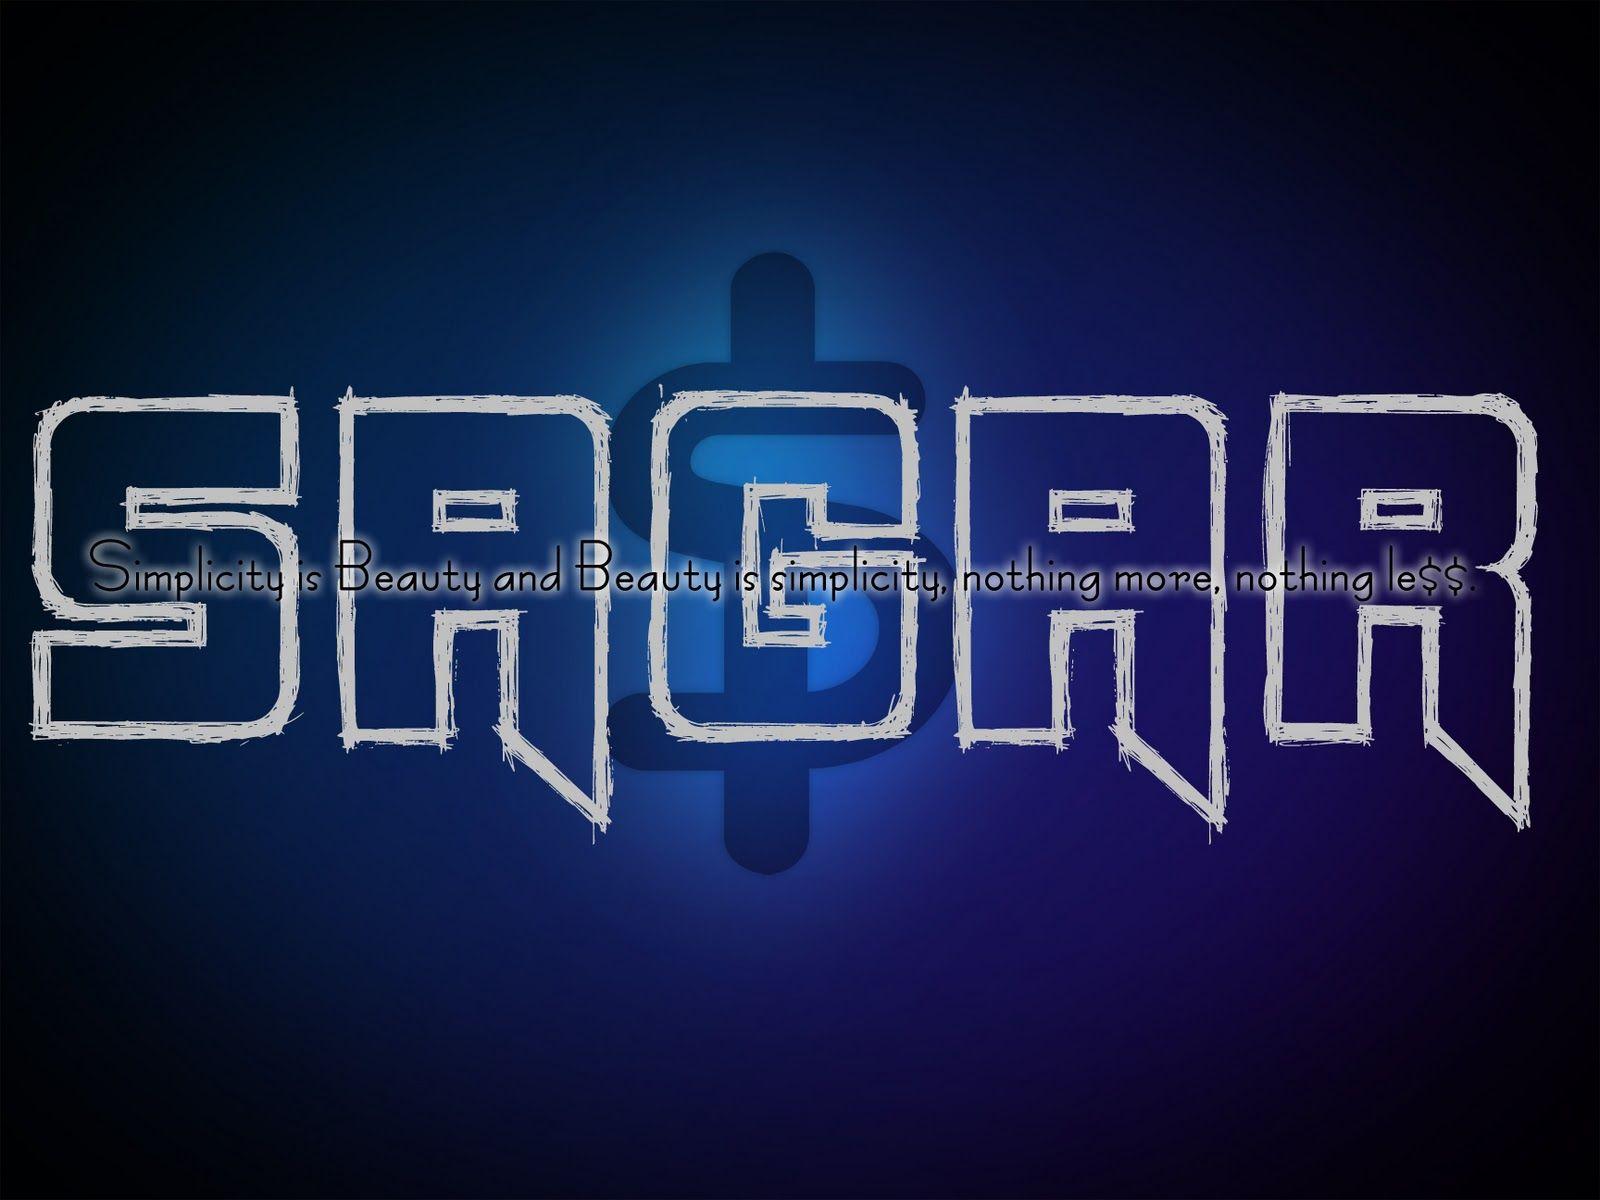 Bhagat Singh Wallpaper 3d Sagar Logo Name Logo Generator Smoothie Summer